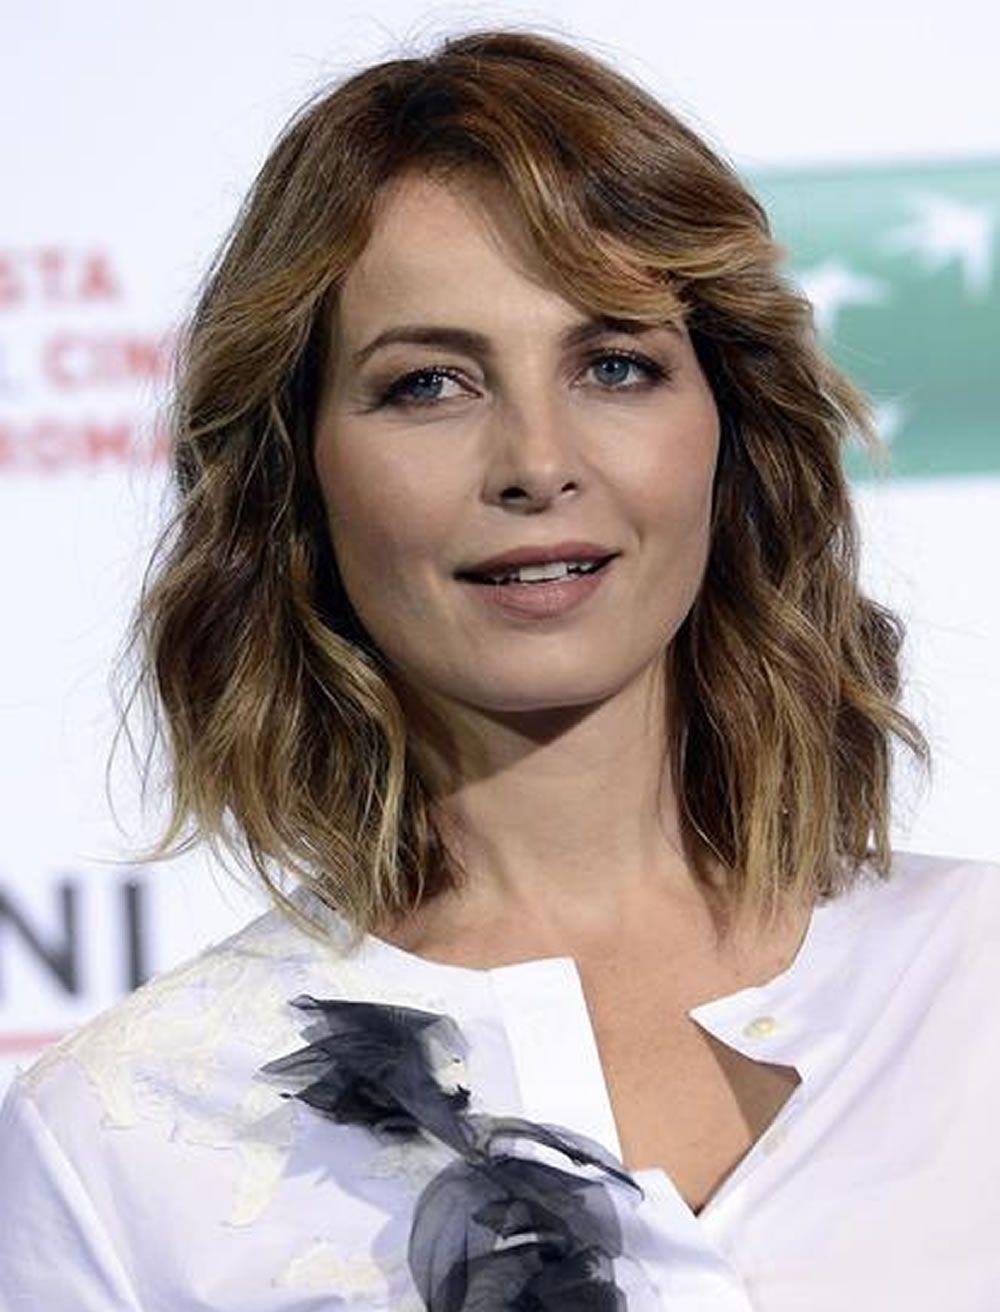 beste mittlere Frisuren für Frauen Medium hairstyle